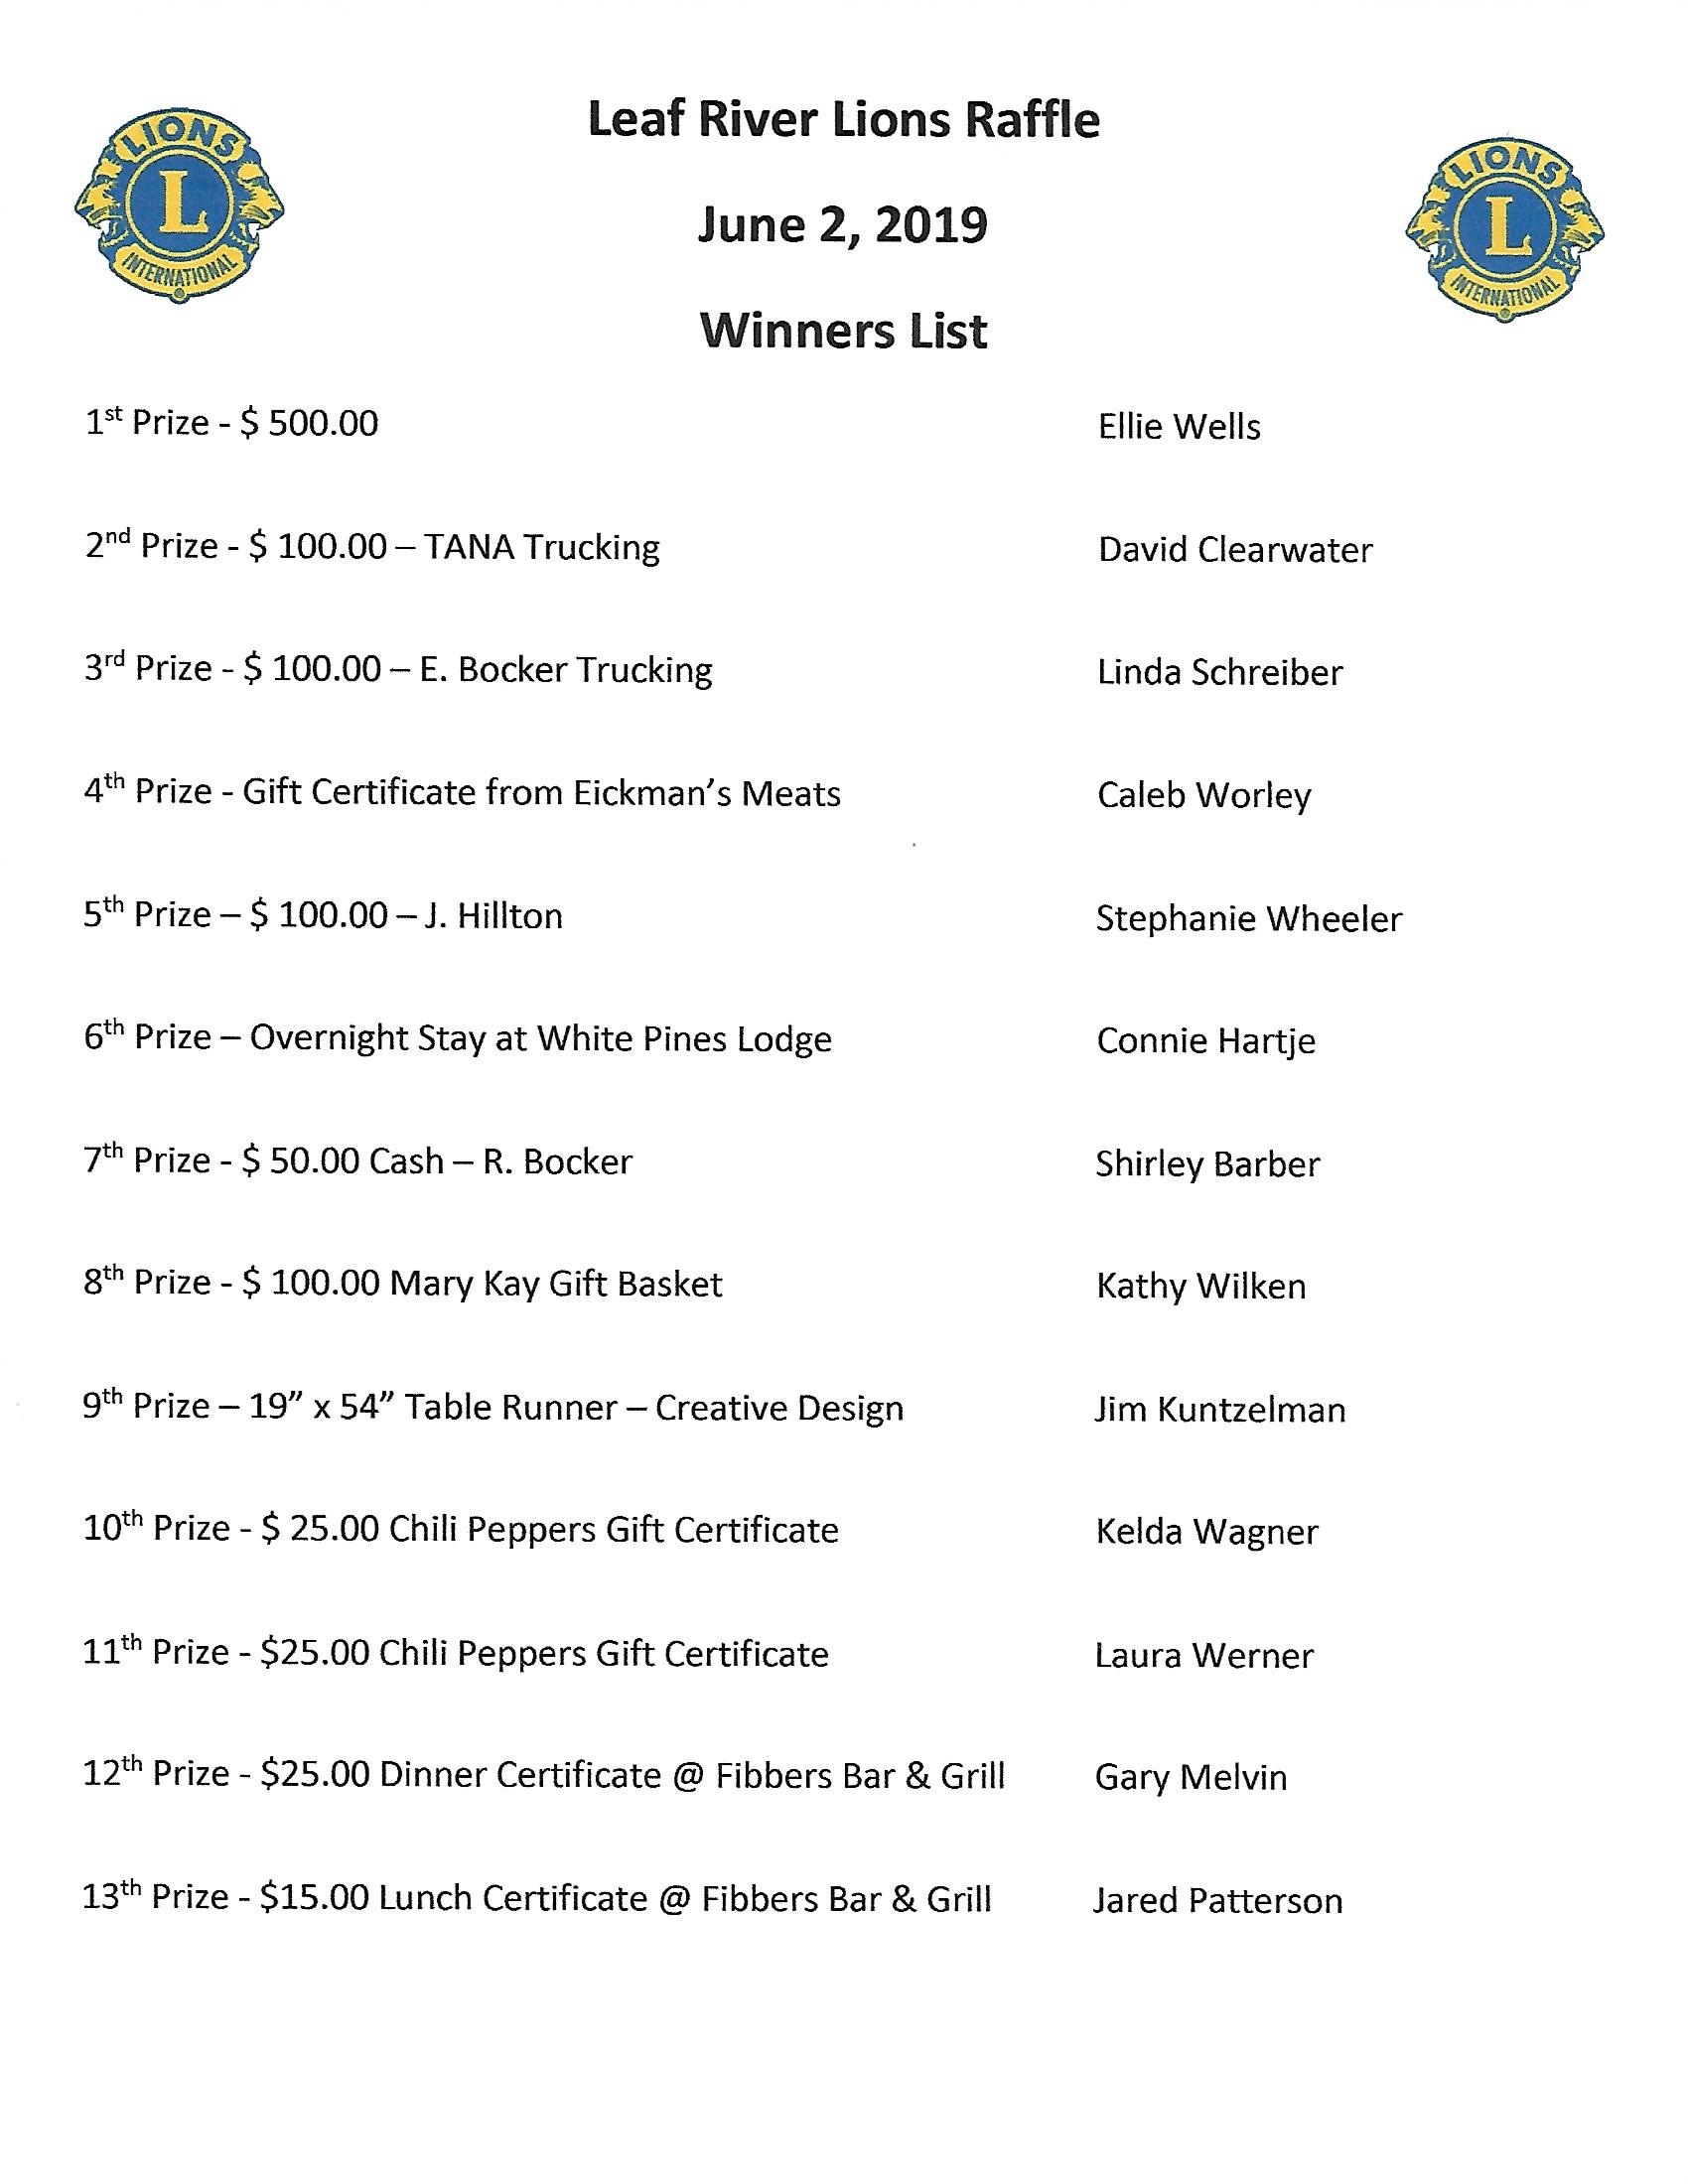 2019 Lions Raffle Winners